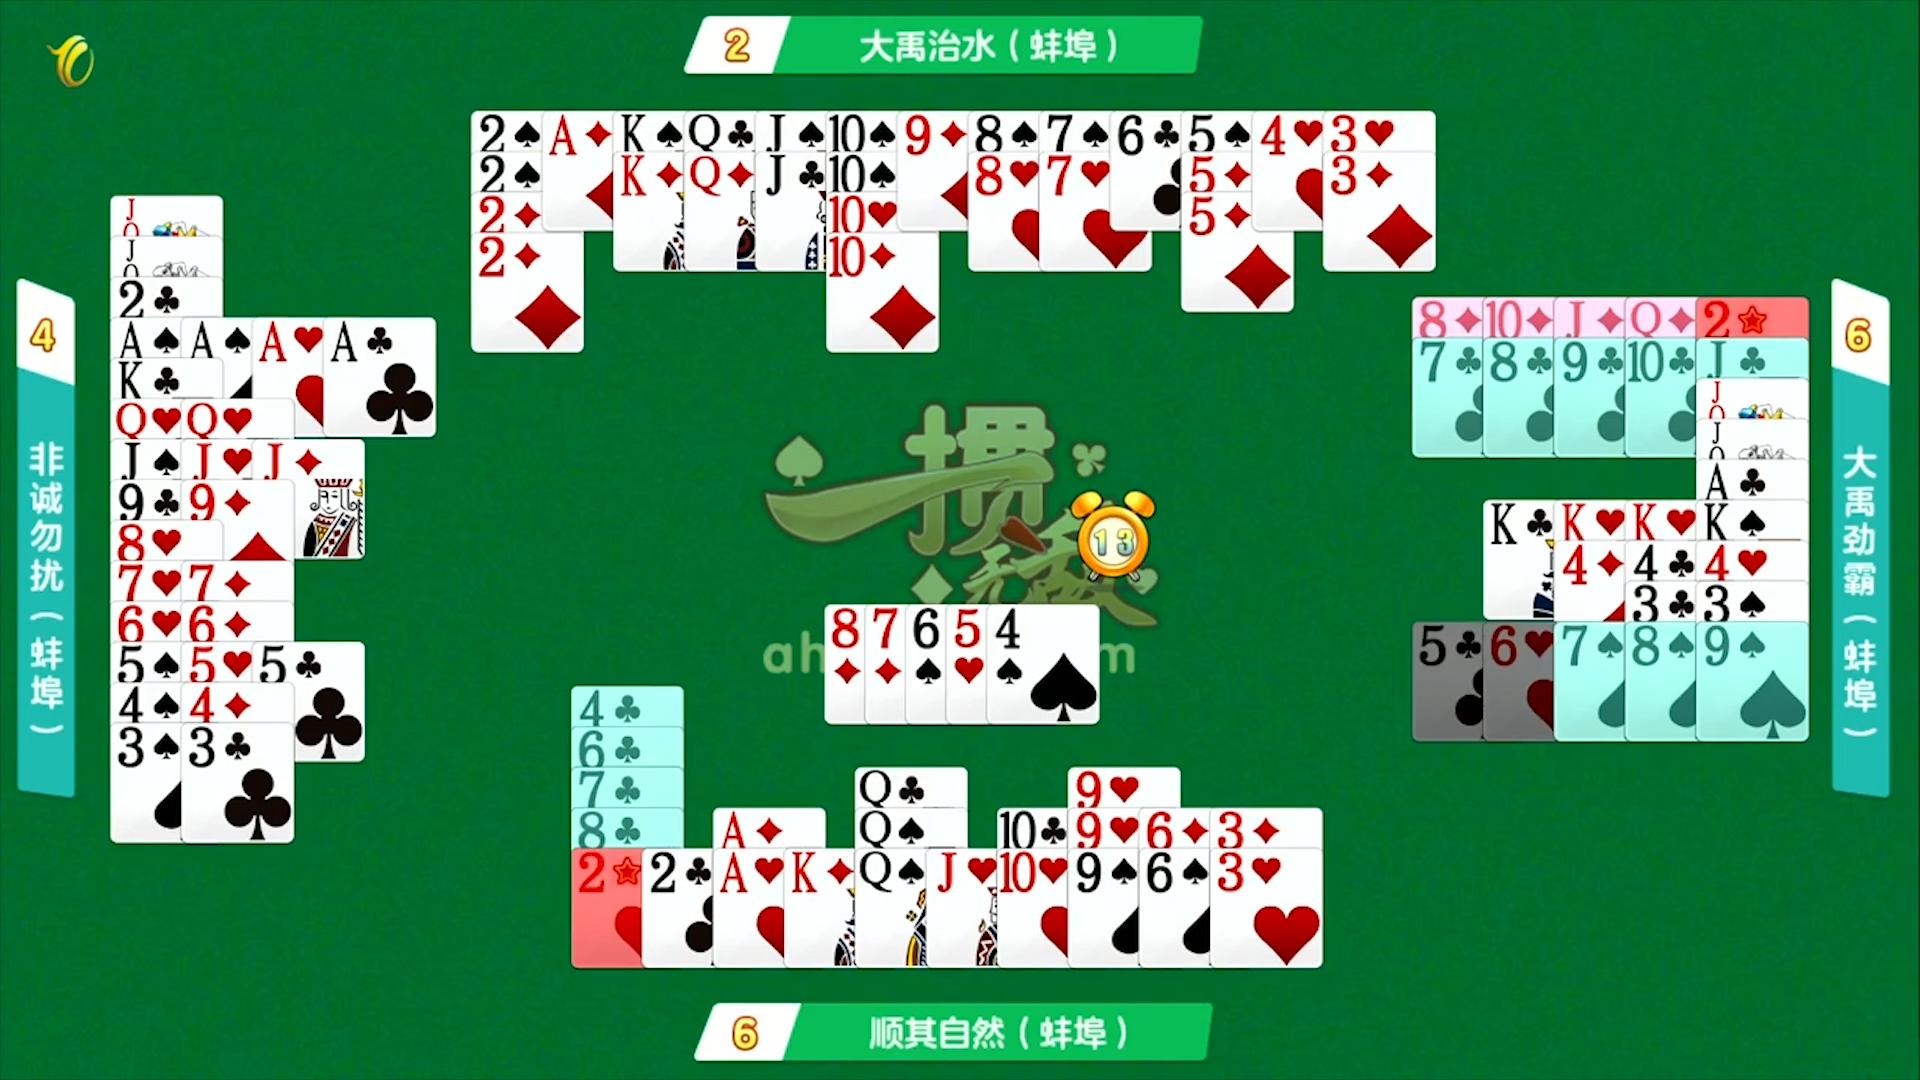 「一掼无敌」第3期第七局赛点复盘——当拆则拆才是王道